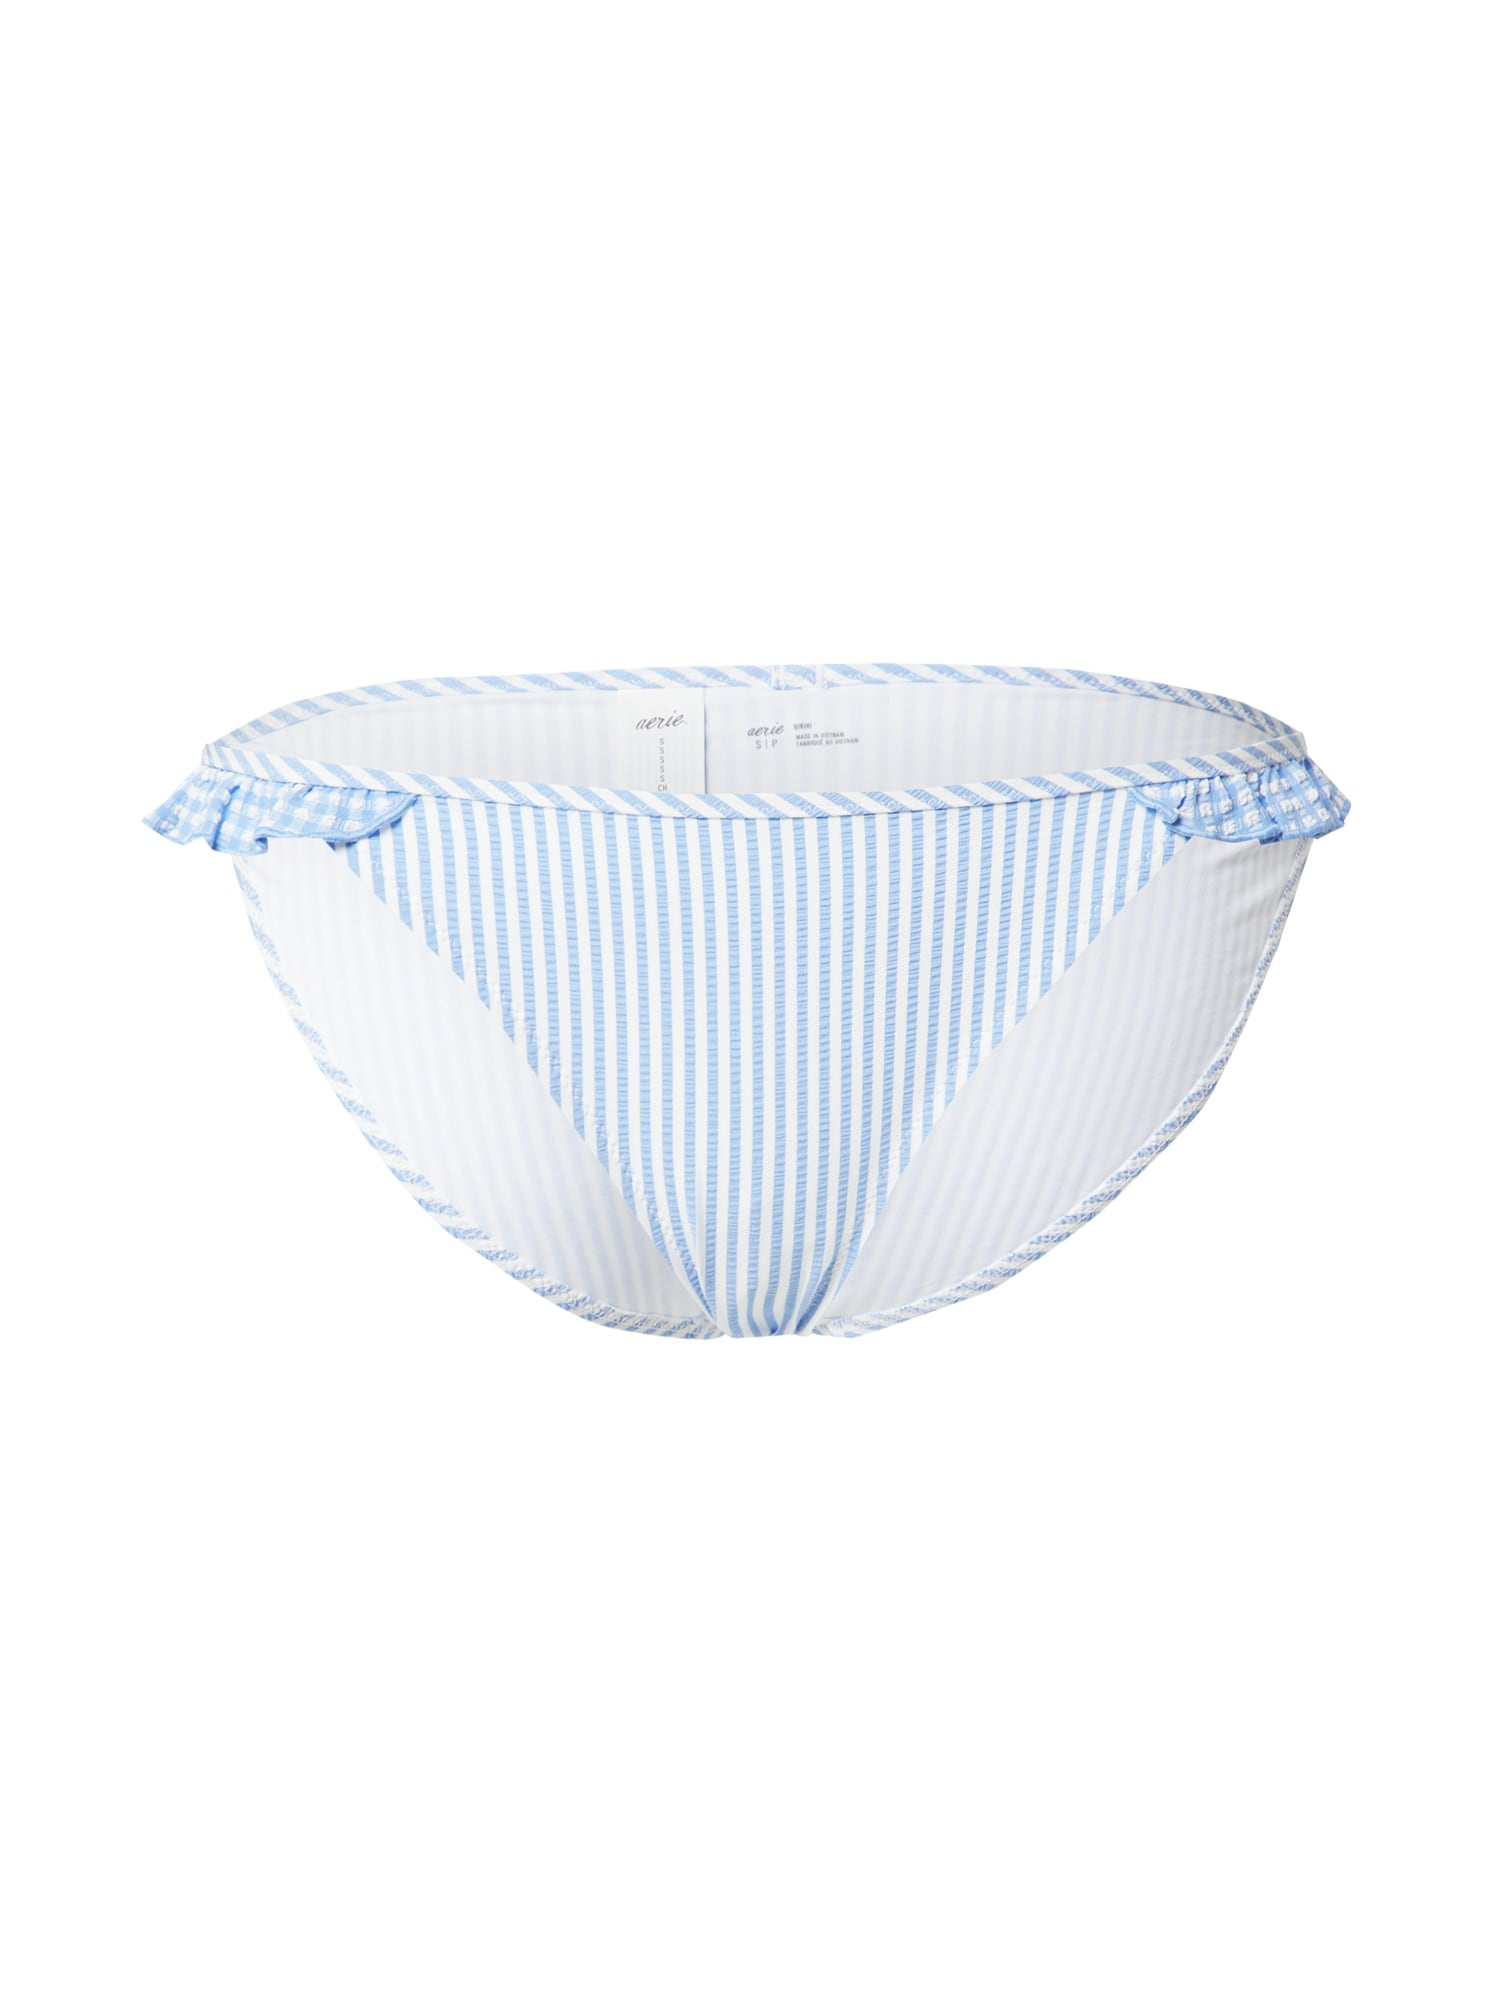 AERIE Bikinio kelnaitės šviesiai mėlyna / balta